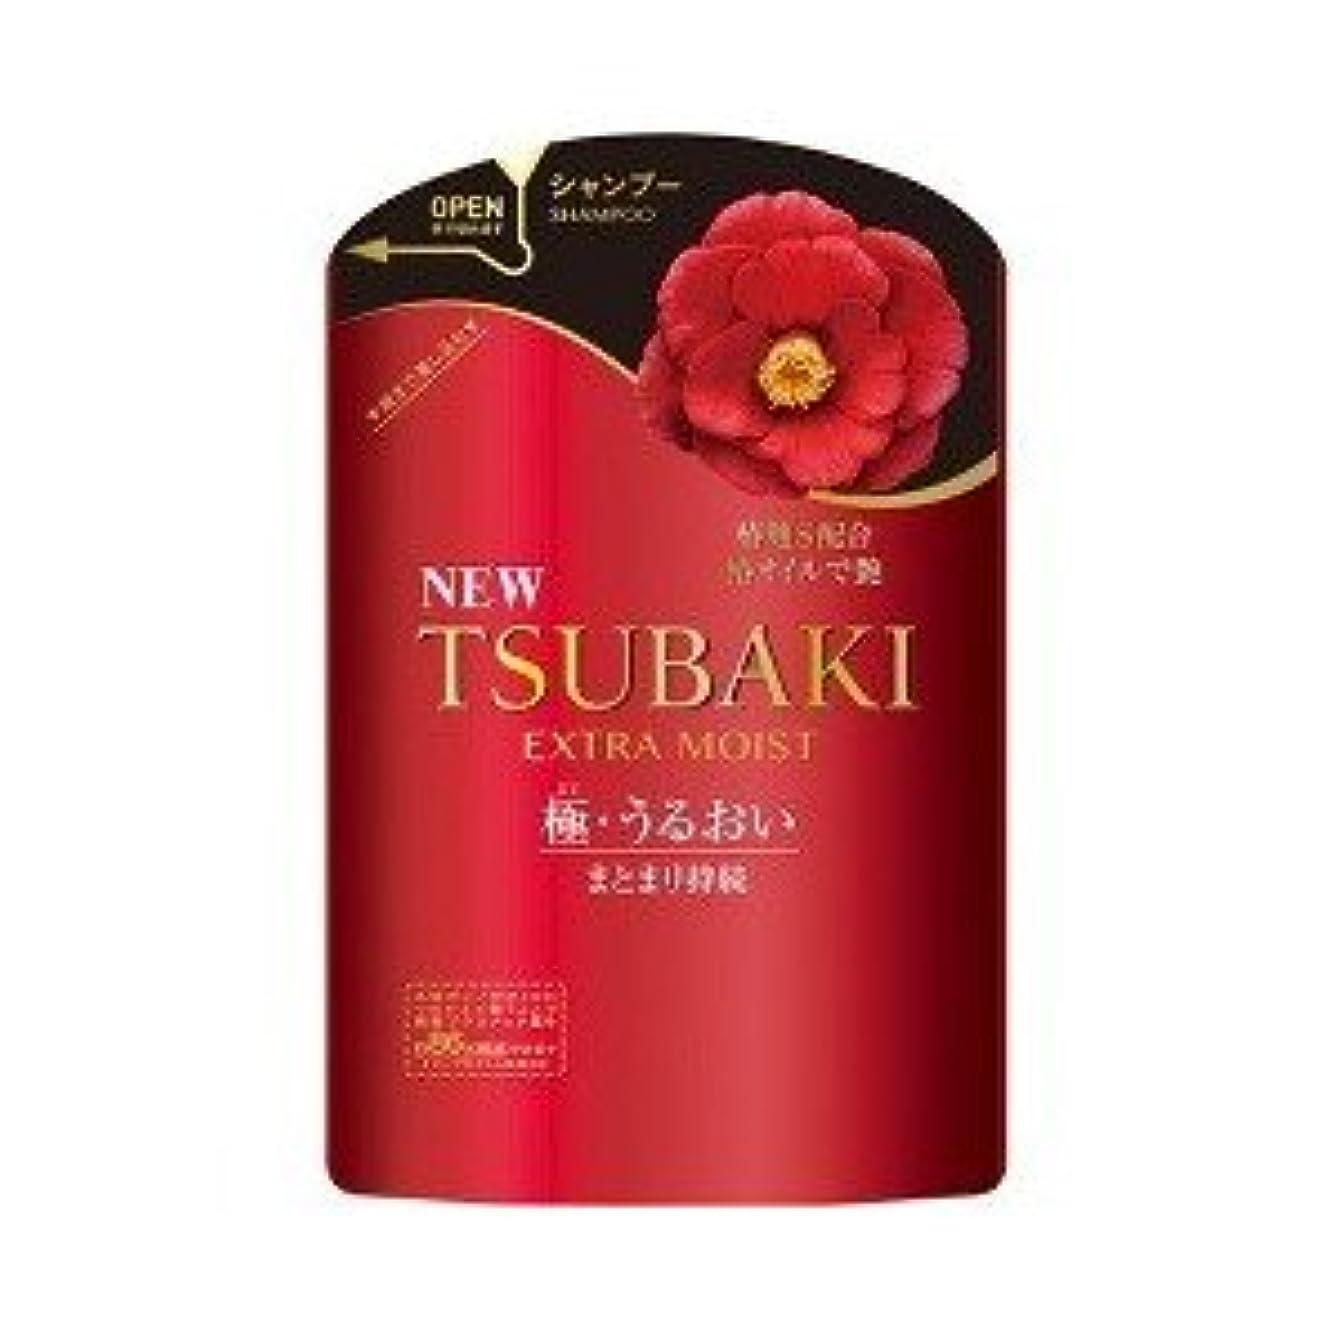 テンション数値の前で(2016年秋の新商品)(資生堂)TSUBAKI(ツバキ) エクストラモイスト シャンプー Na つめかえ用 345ml(お買い得3個セット)